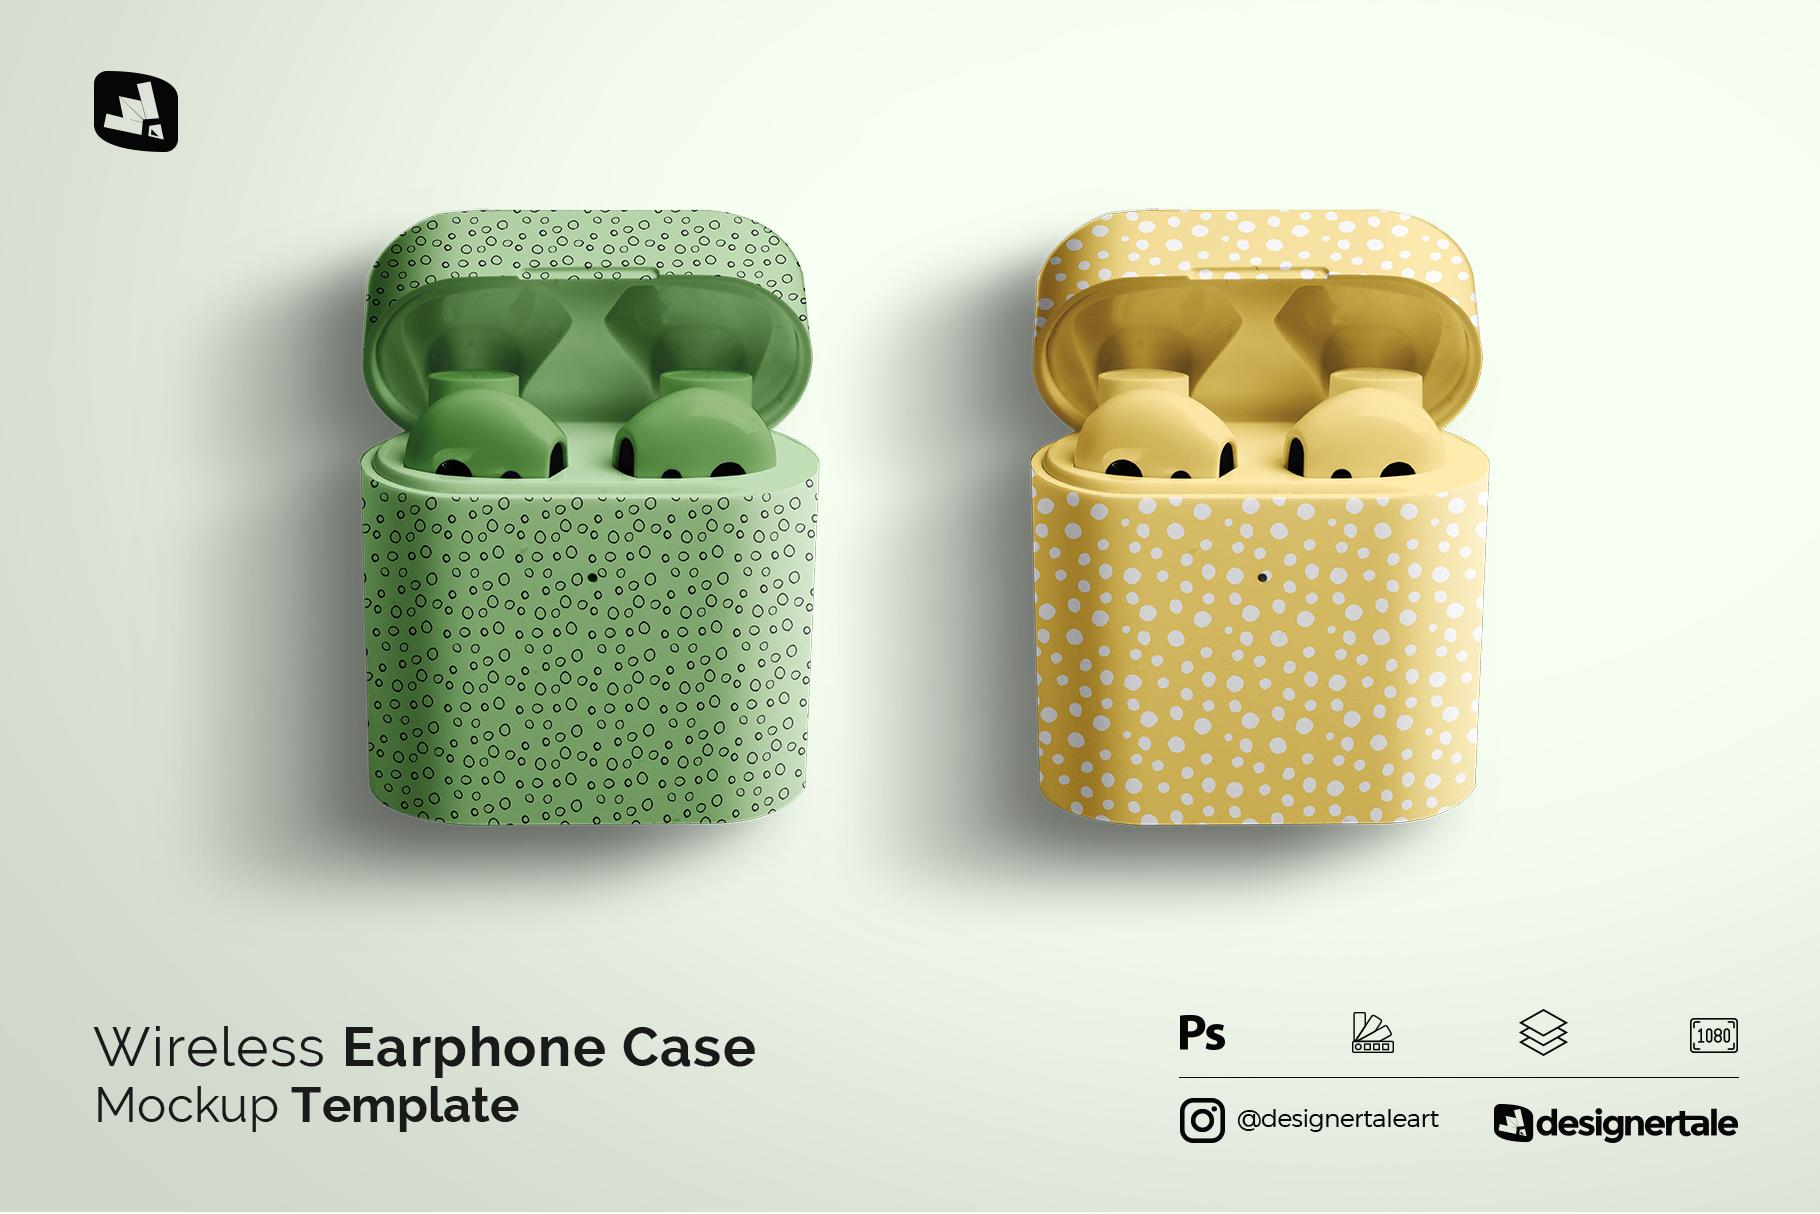 wireless earphone case mockup